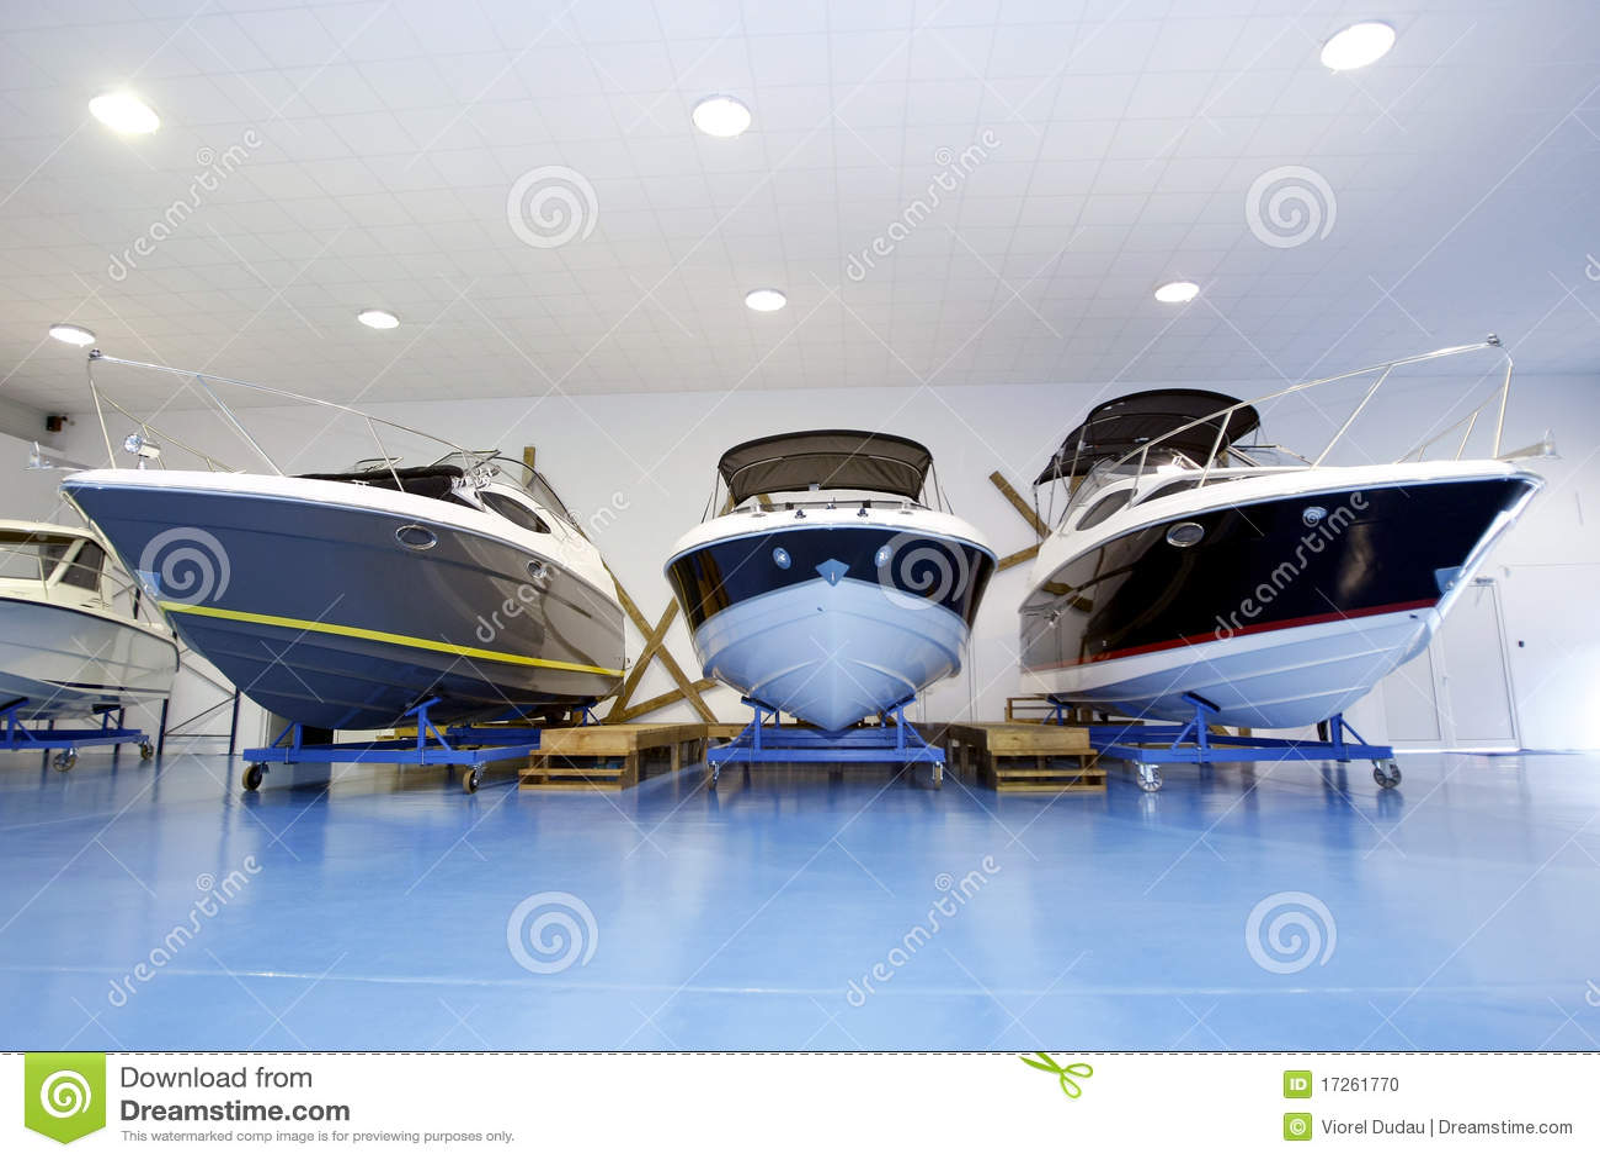 Bewegungsboote im Ausstellungsraum oder in der Garage